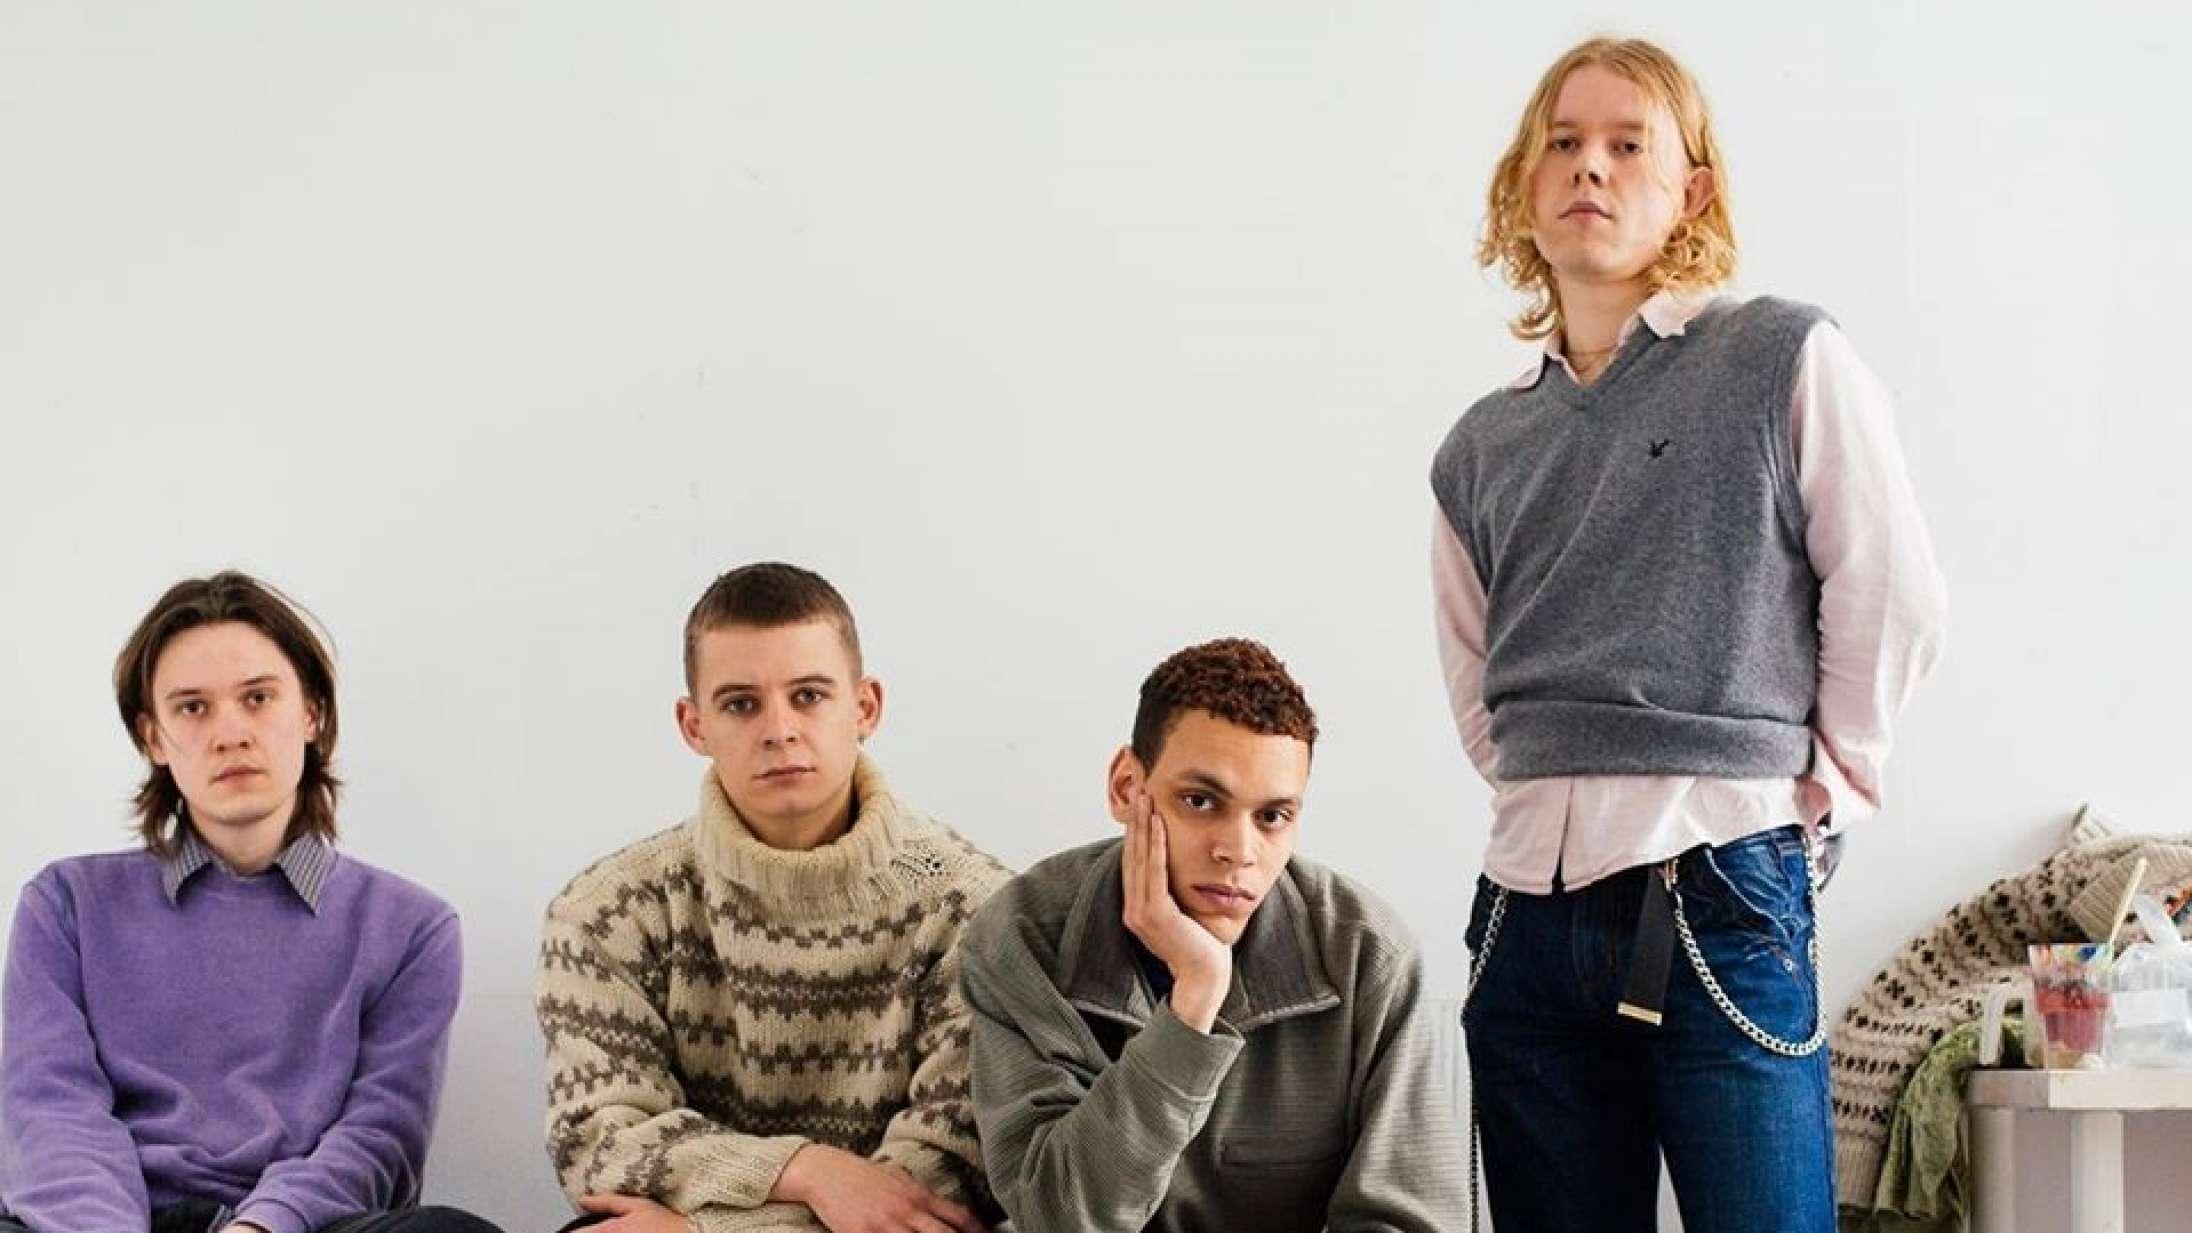 Liss deler to nye singler: Hør dansable 'Waste My Time' og melankolske 'Off Today'